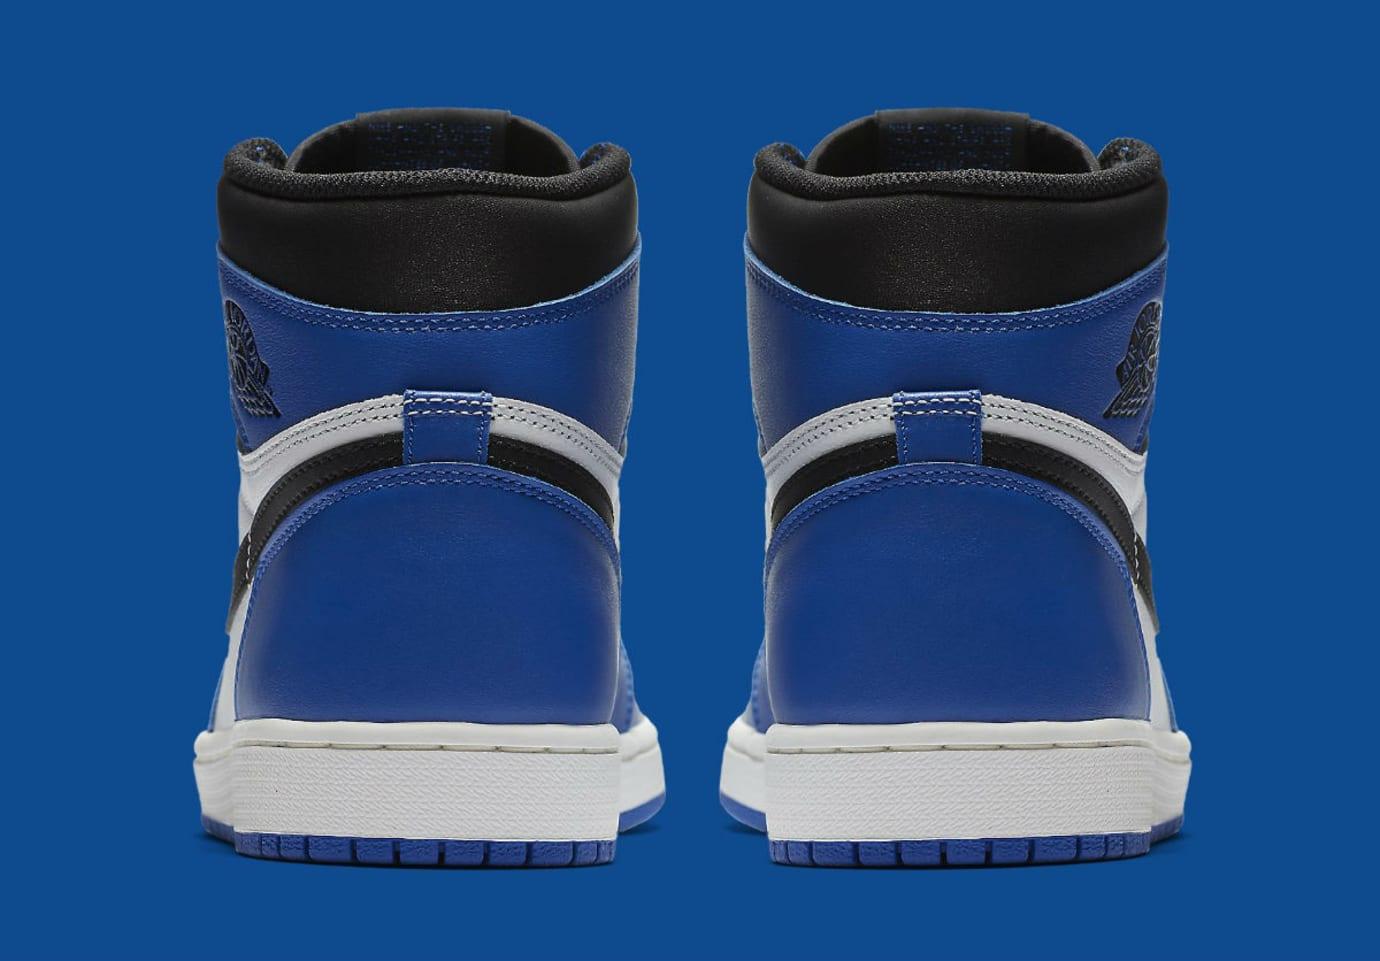 Air Jordan 1 High Game Royal Release Date 555088-403 Heel